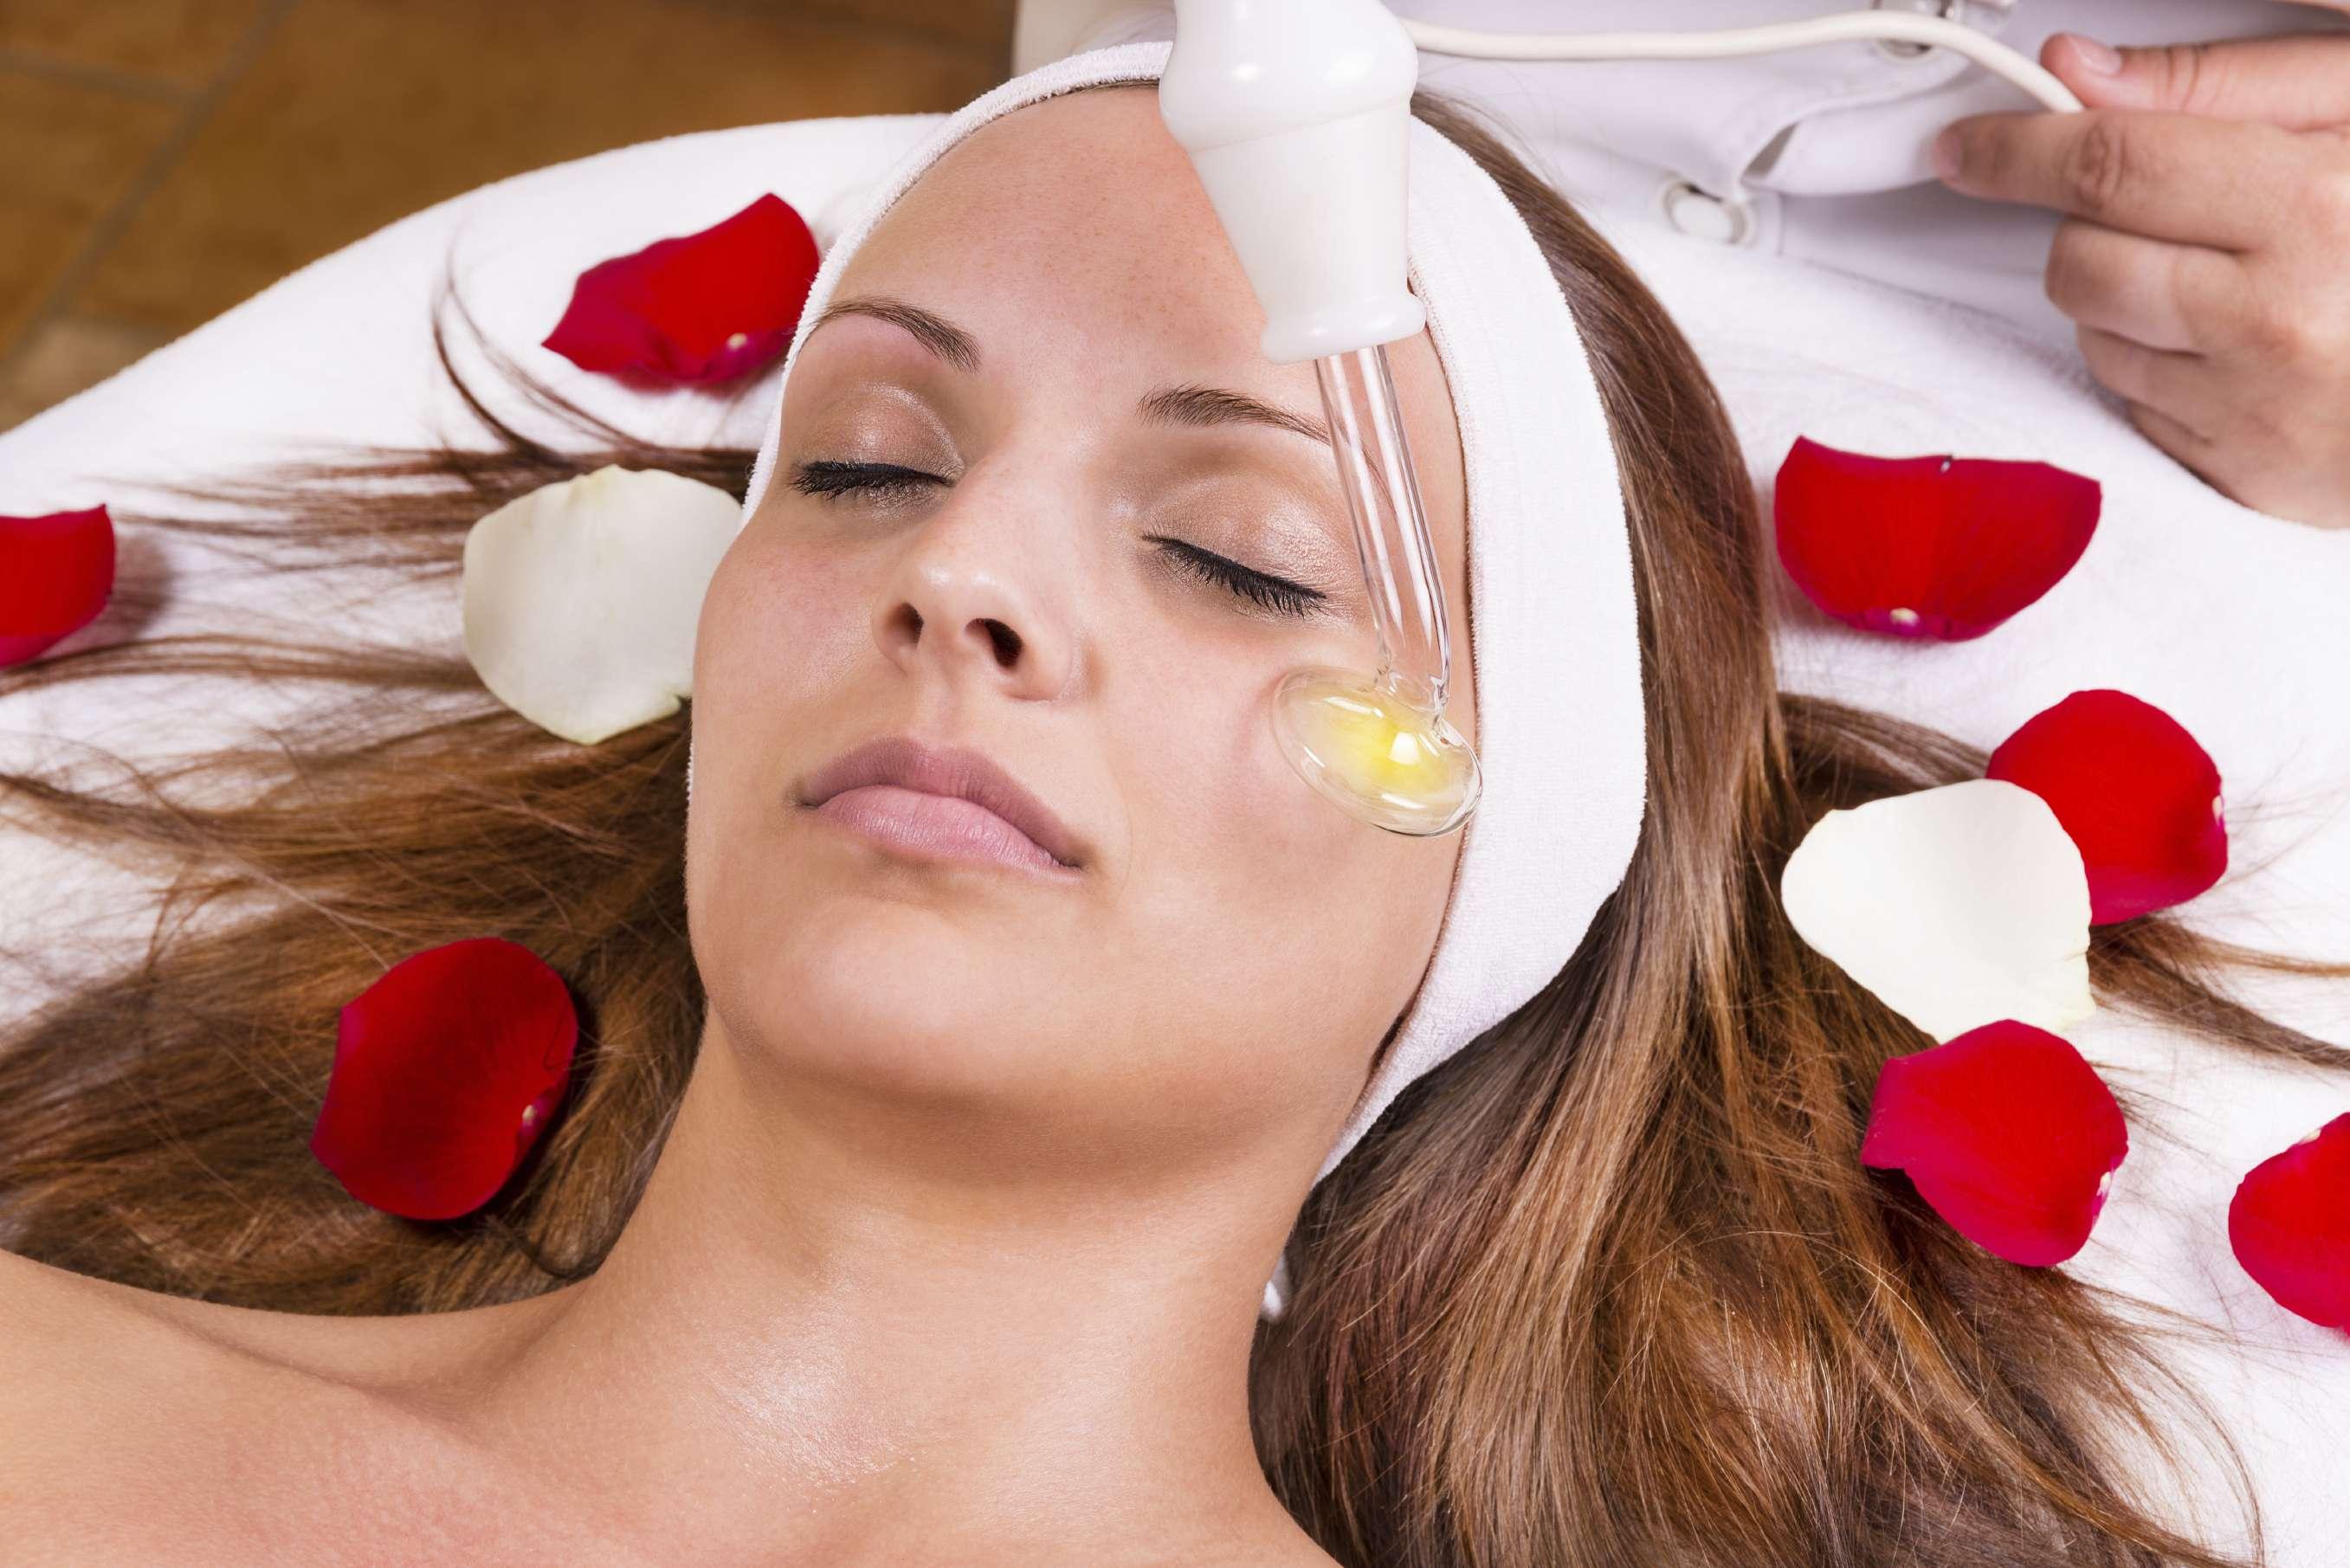 El ozono terapéutico también lo utilizan para reducir las arrugas. Foto: iStock